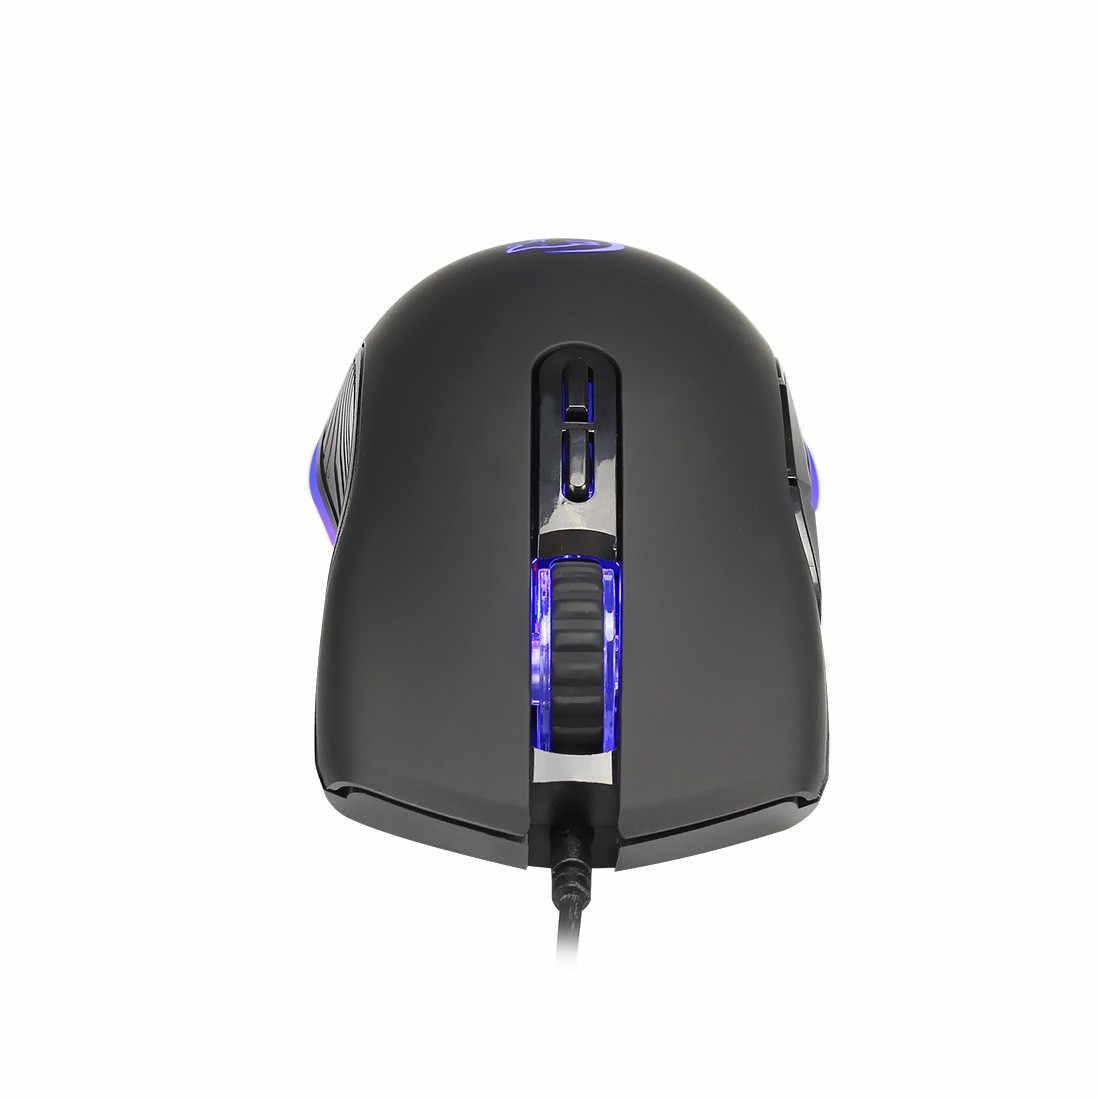 المهنية السلكية الألعاب ماوس 7 زر 3200 ديسيبل متوحد الخواص LED بصري USB الكمبيوتر ماوس ألعاب الفئران X7 لعبة الفأر الصامتة Mause ل PC